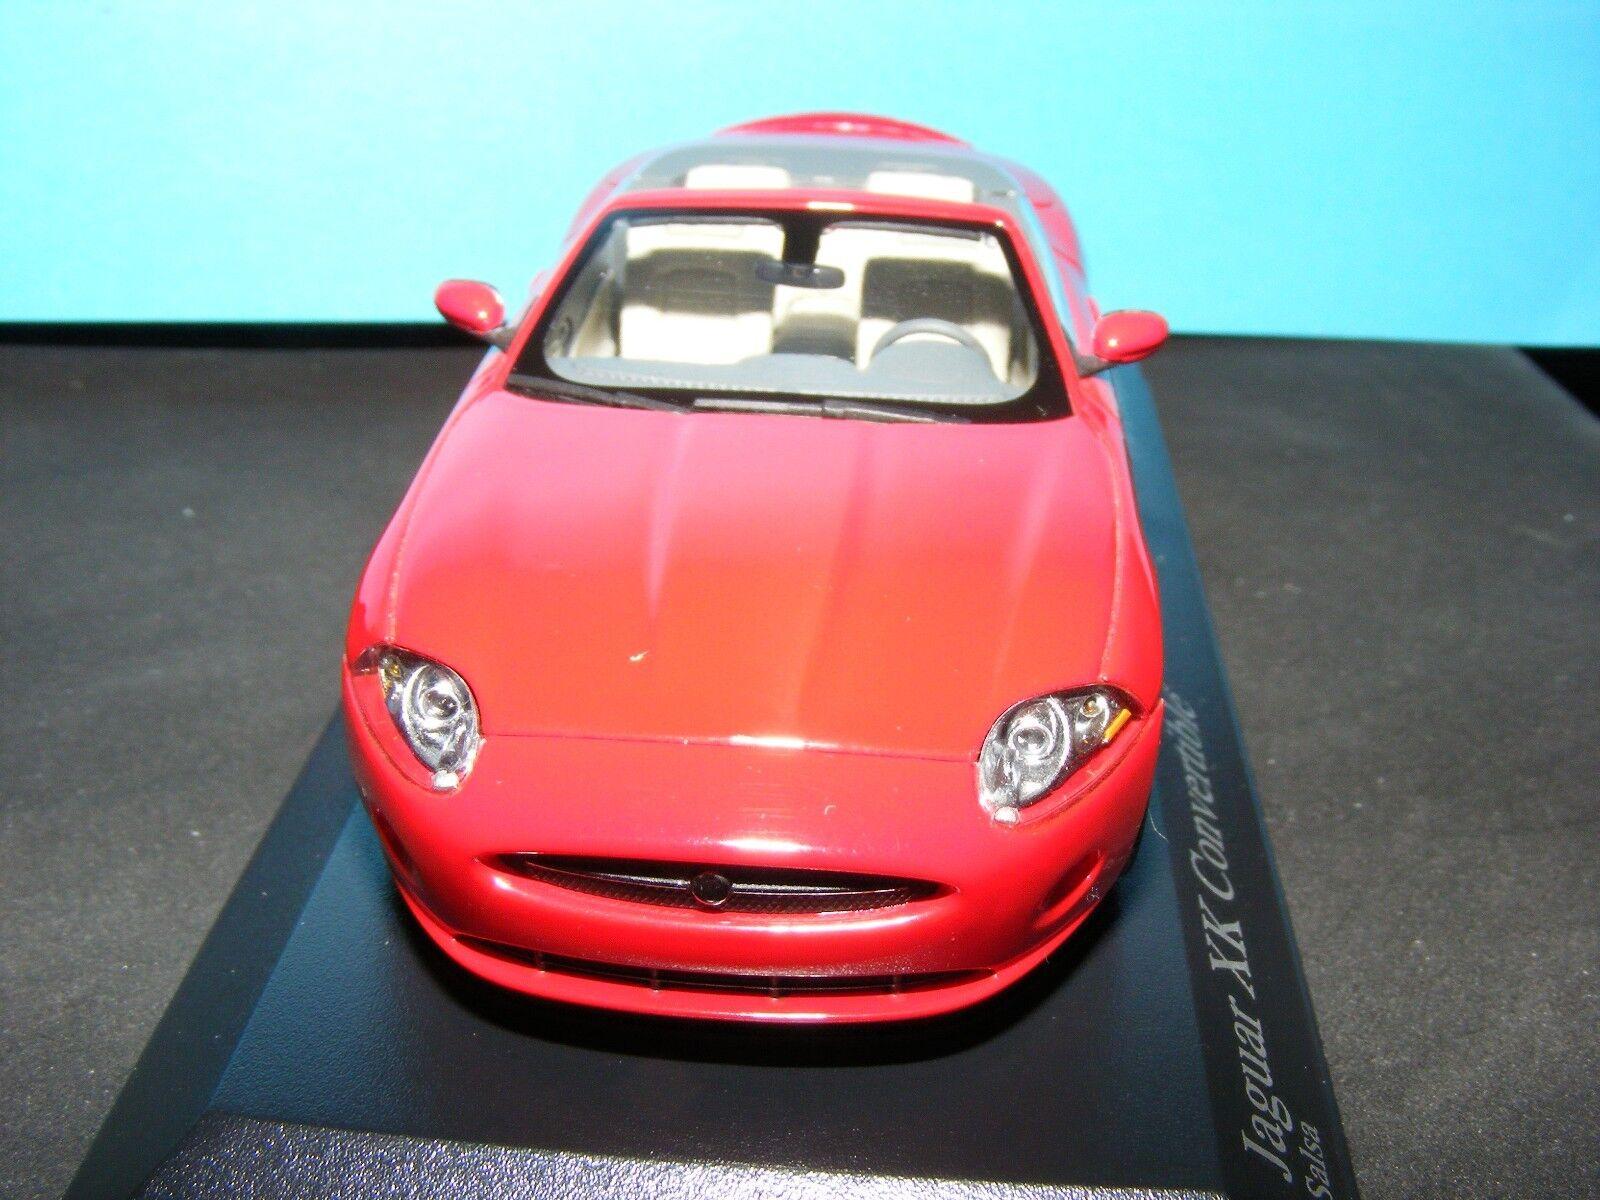 Jaguar XK Convertible 2006 in (environ 5095.24 cm) Salsa Rouge MINICHAMPS 1 43 rd scale